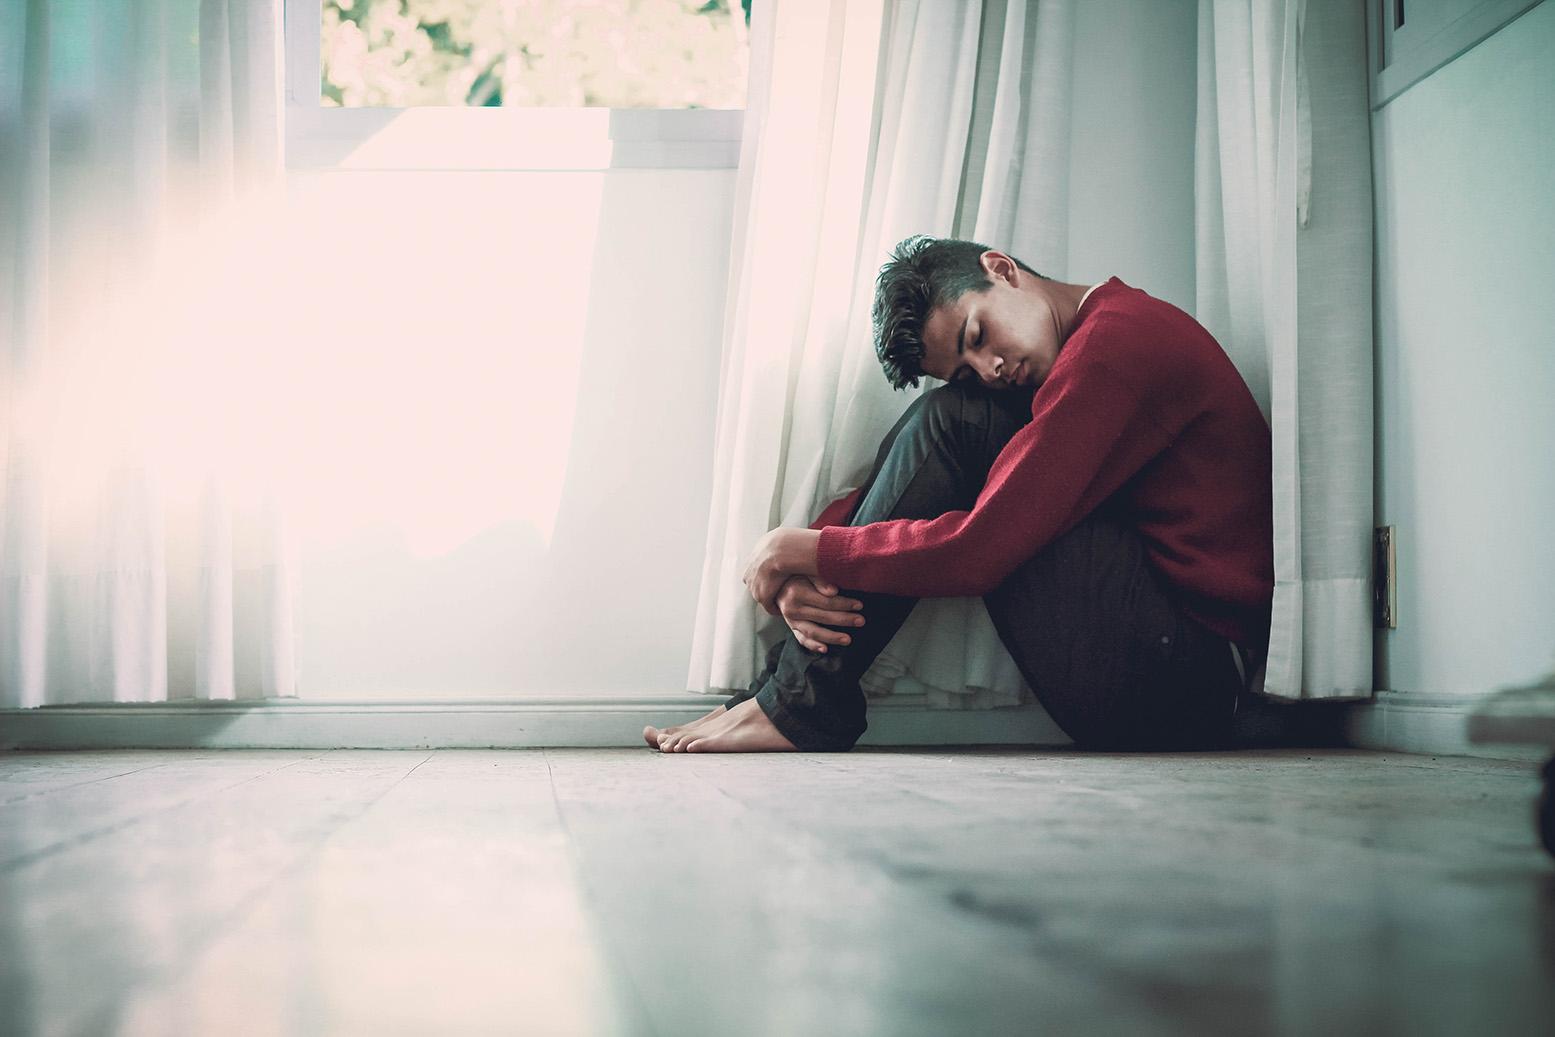 Apprendre à gérer efficacement son stress